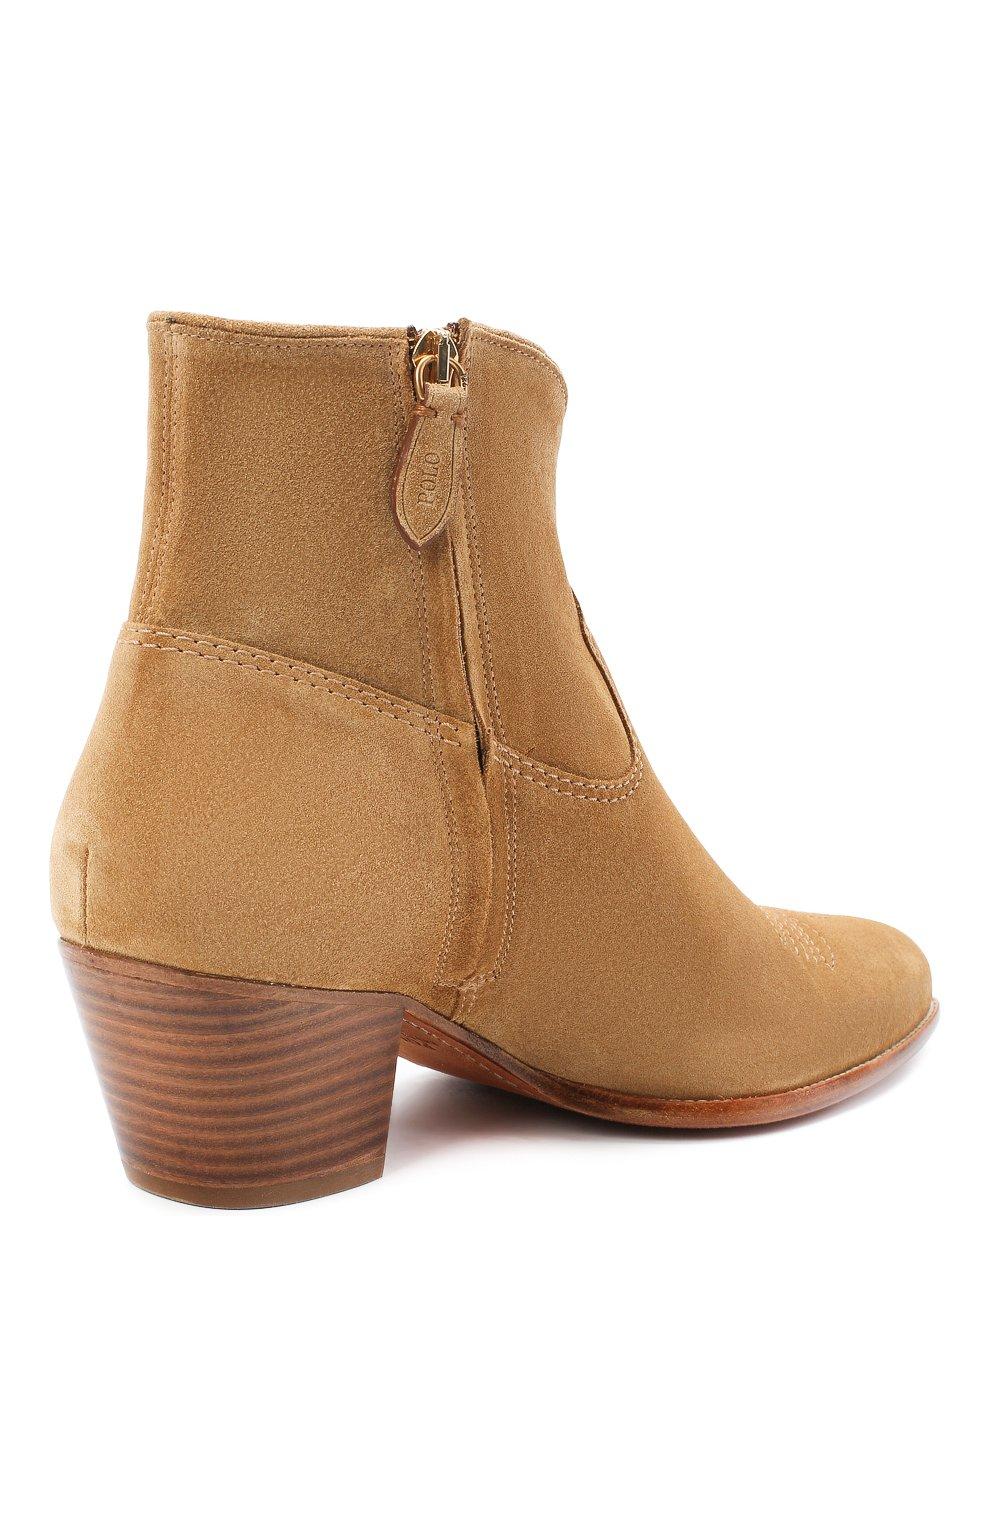 Женские замшевые ботинки POLO RALPH LAUREN коричневого цвета, арт. 818799174 | Фото 4